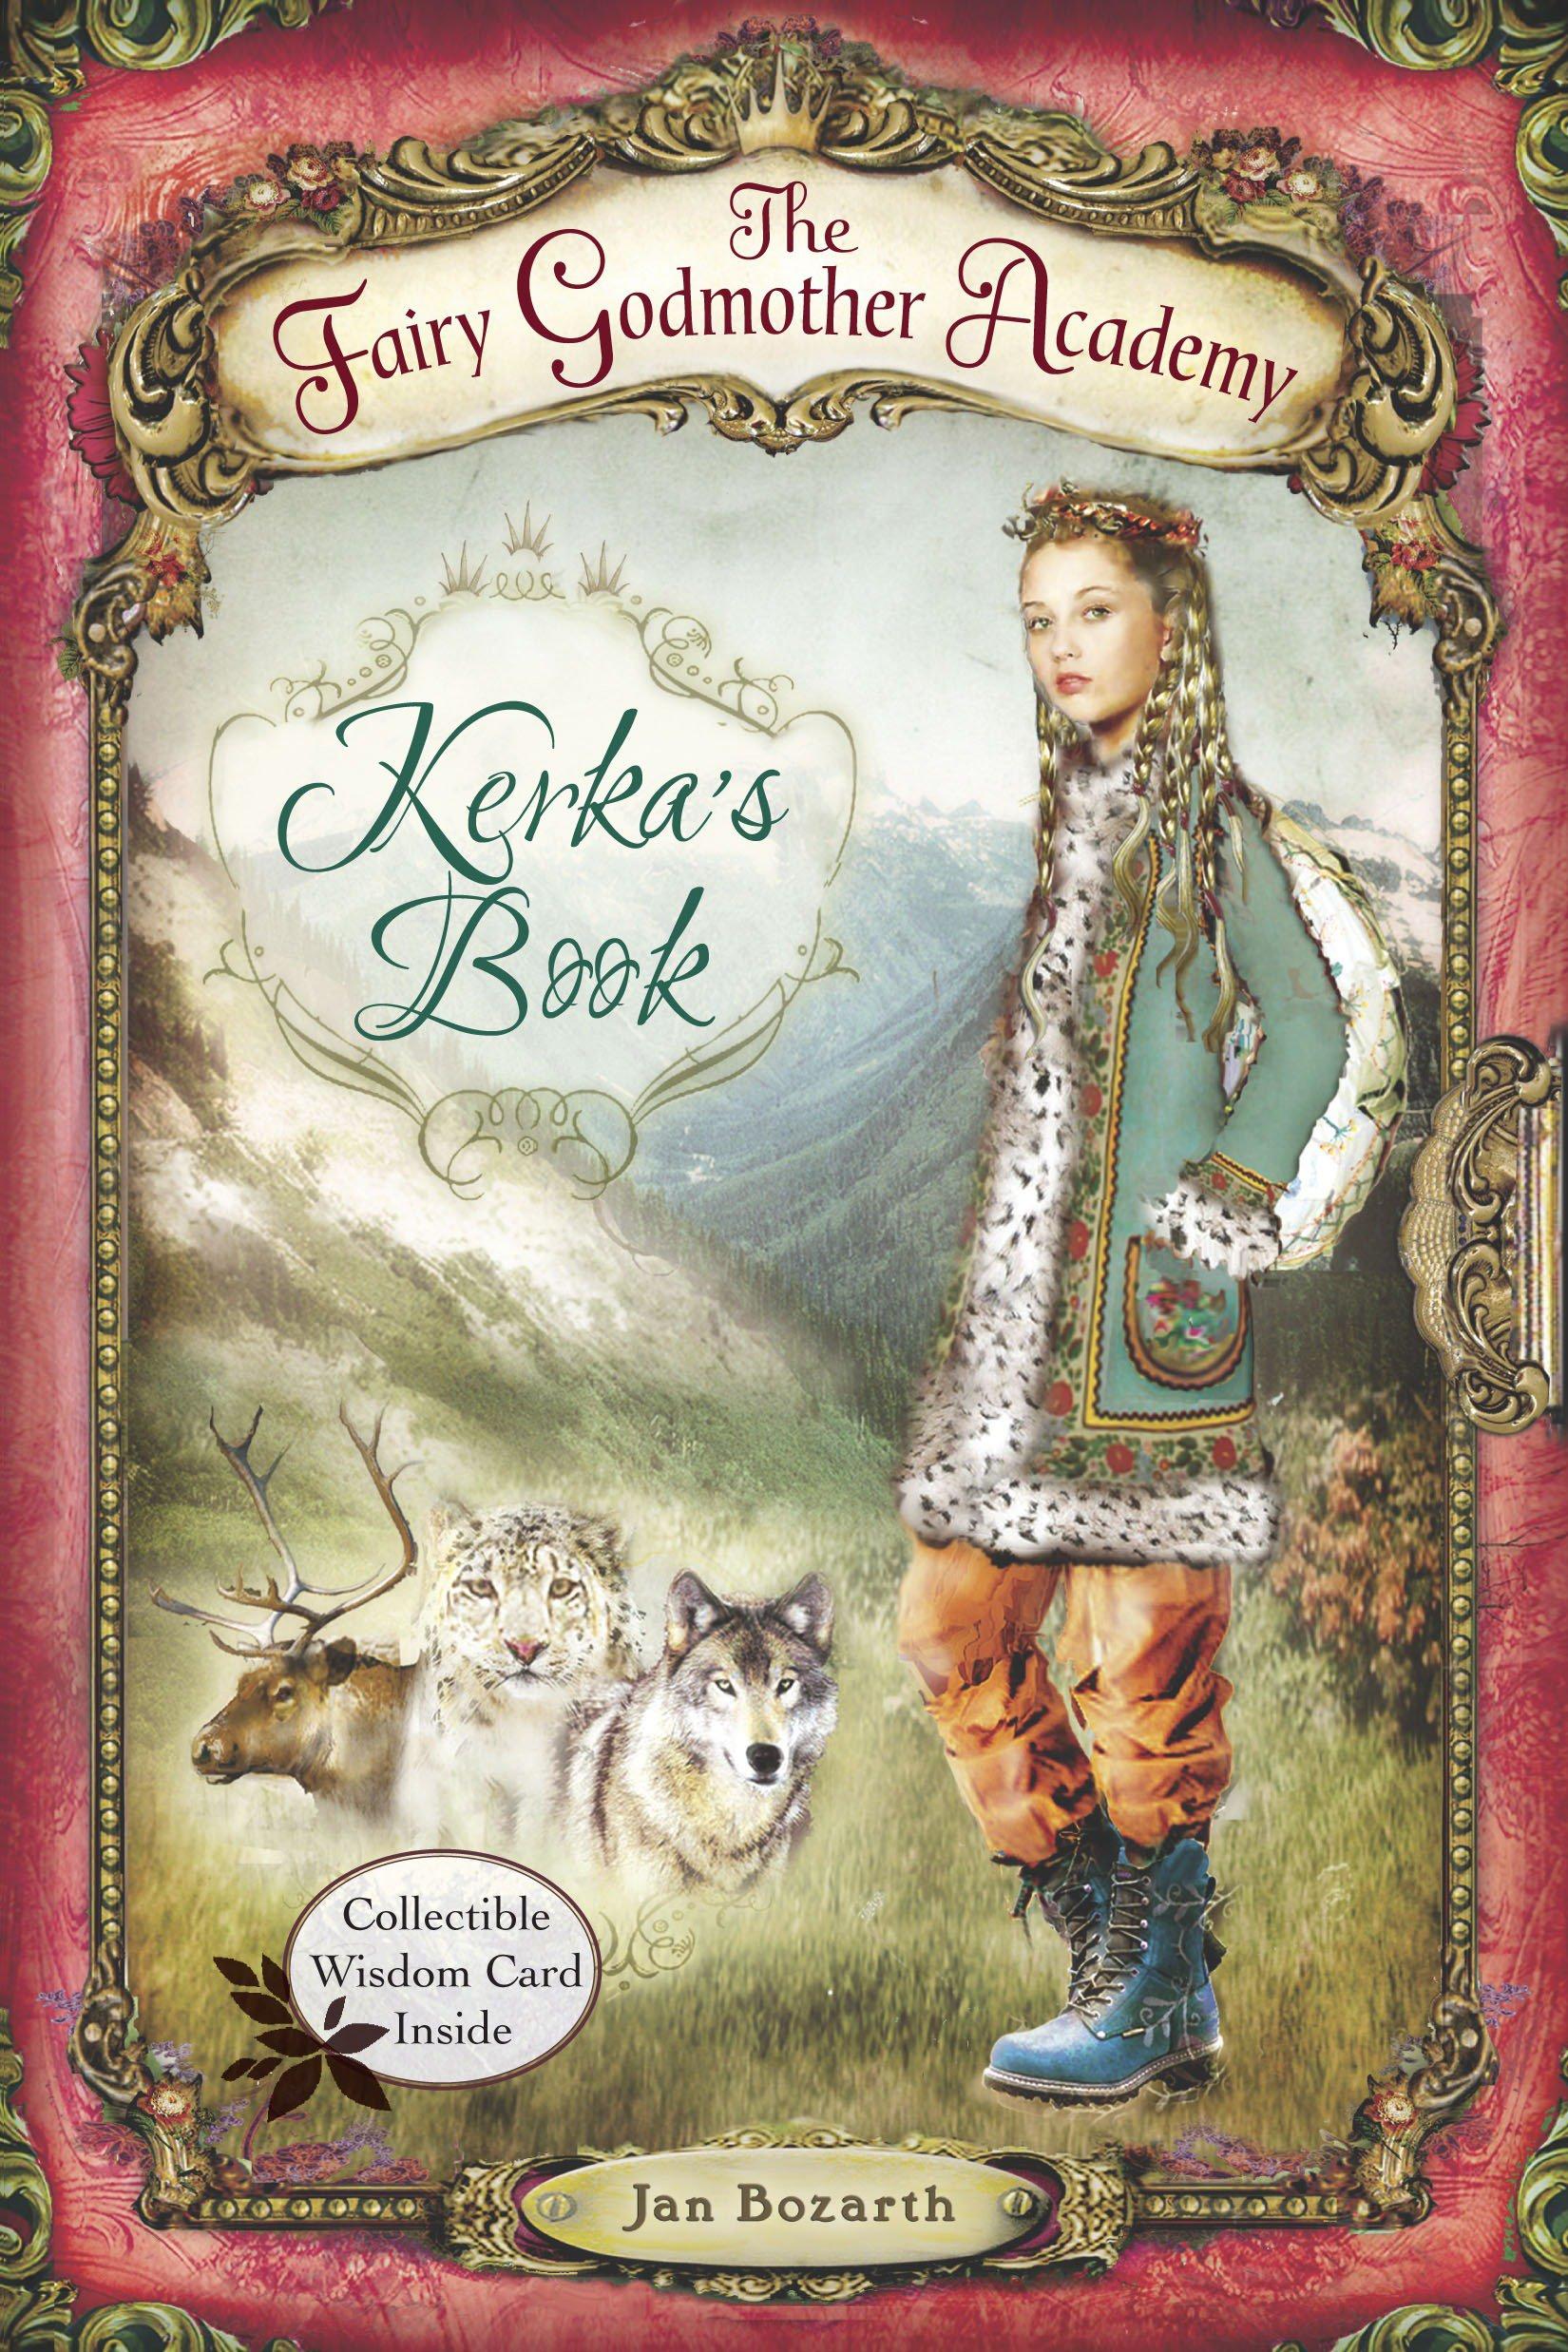 Kerka's book cover image